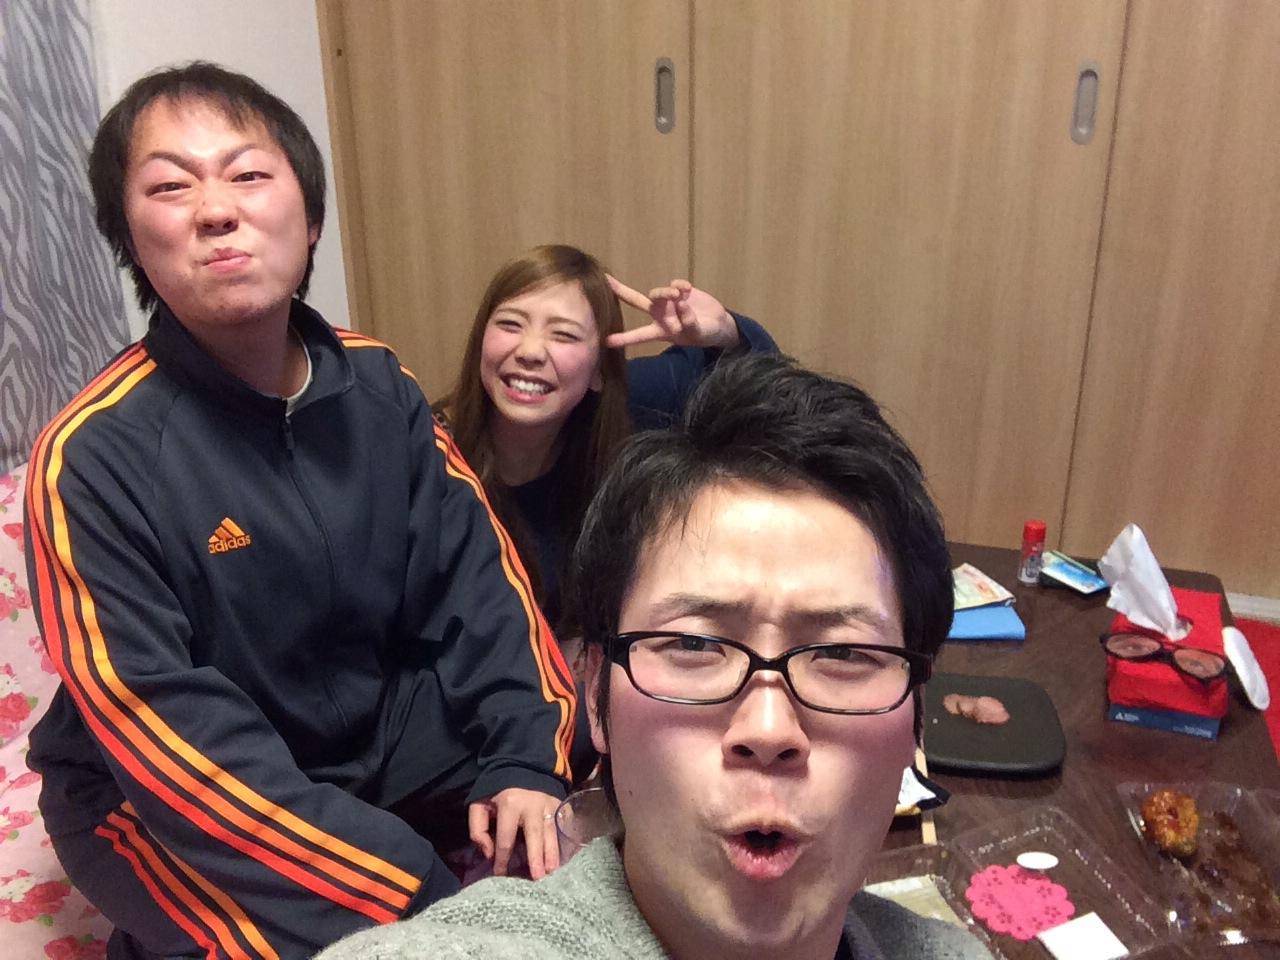 日本酒も飲んで結構酔っぱらいましたヽ(^o^)丿笑